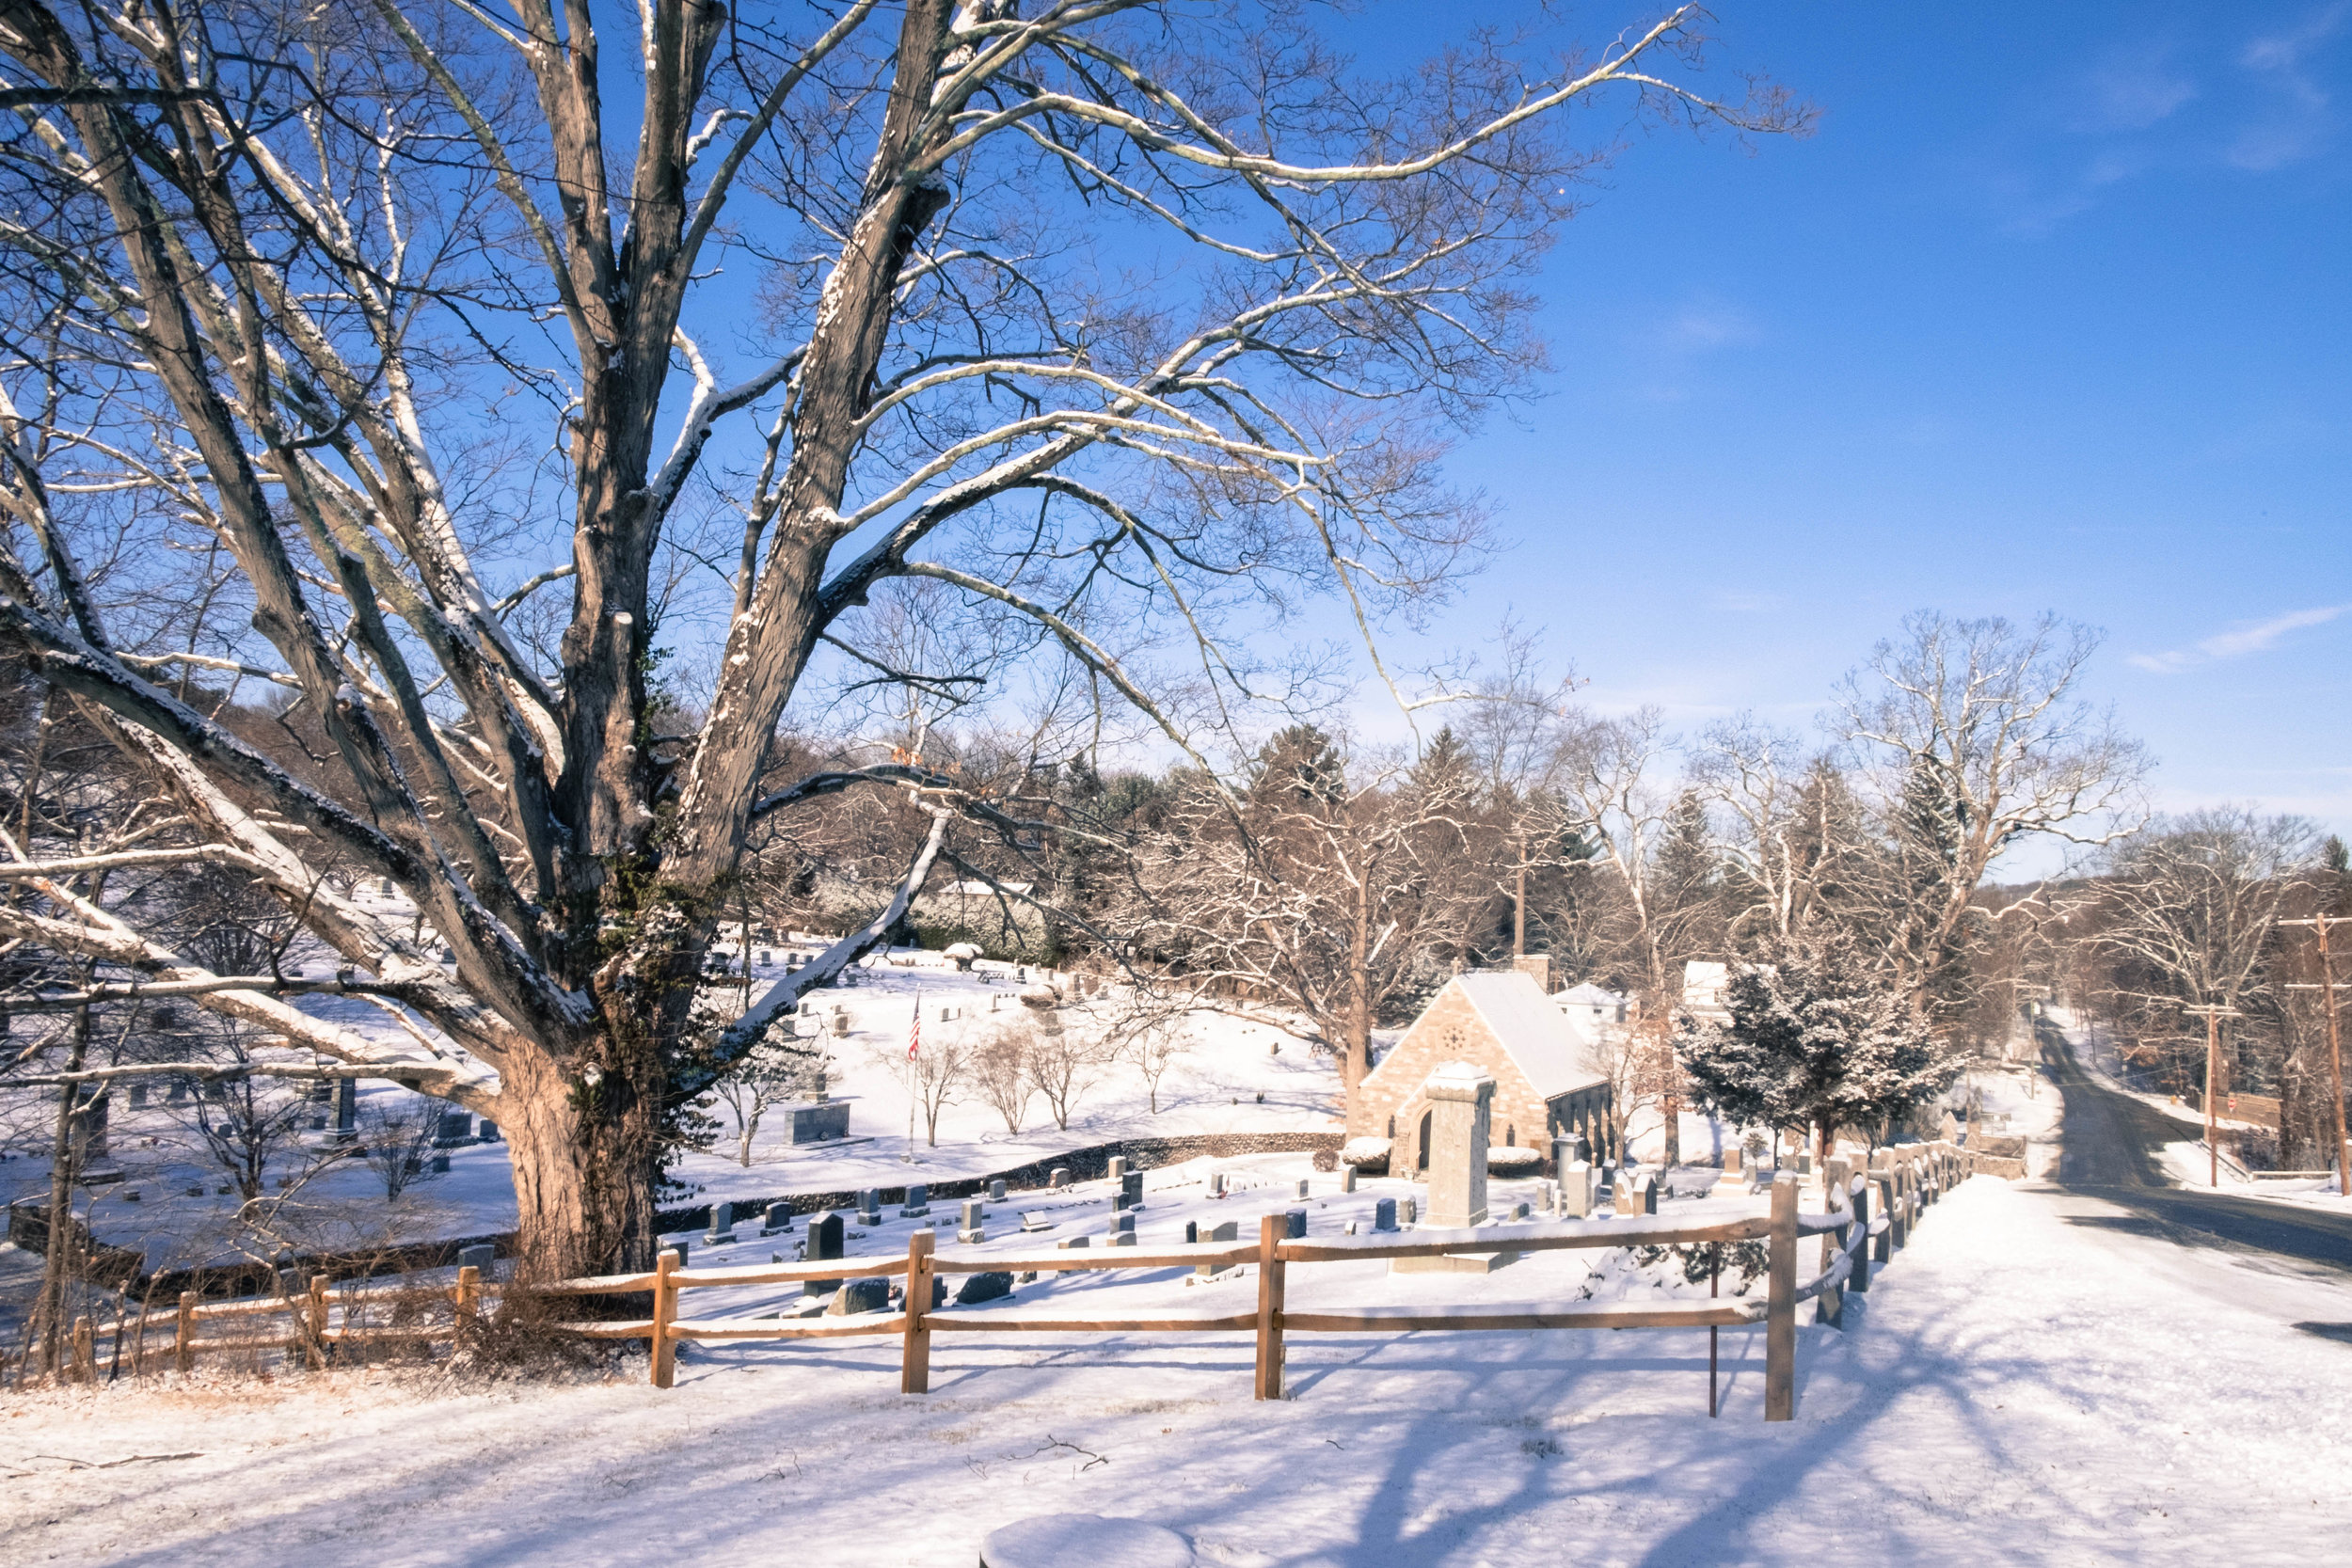 snowday-4.jpg